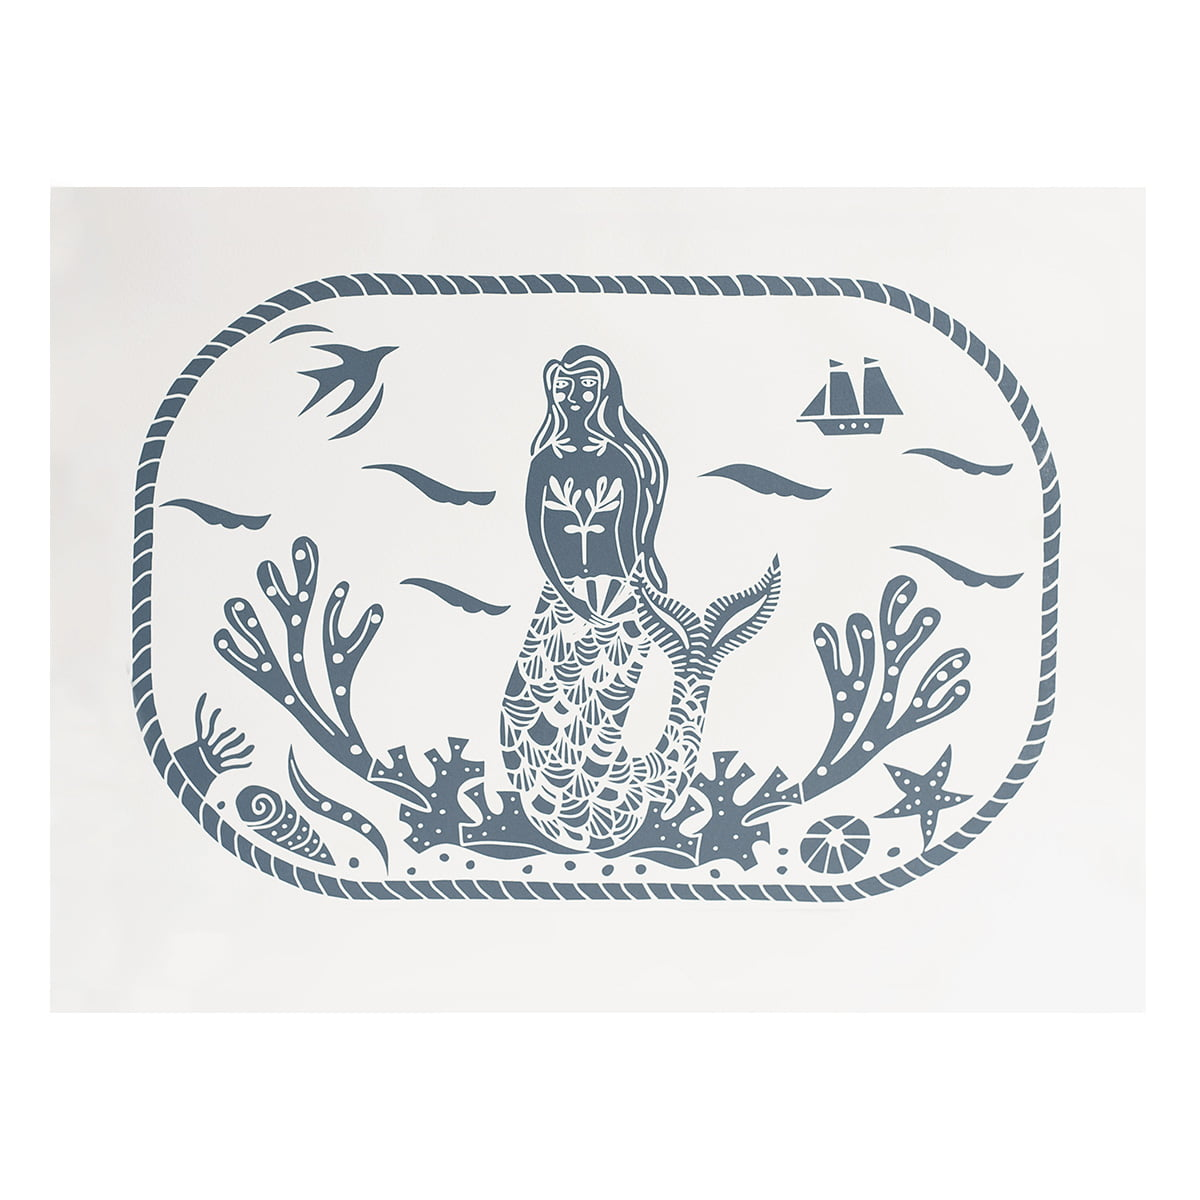 'Mermaid' print